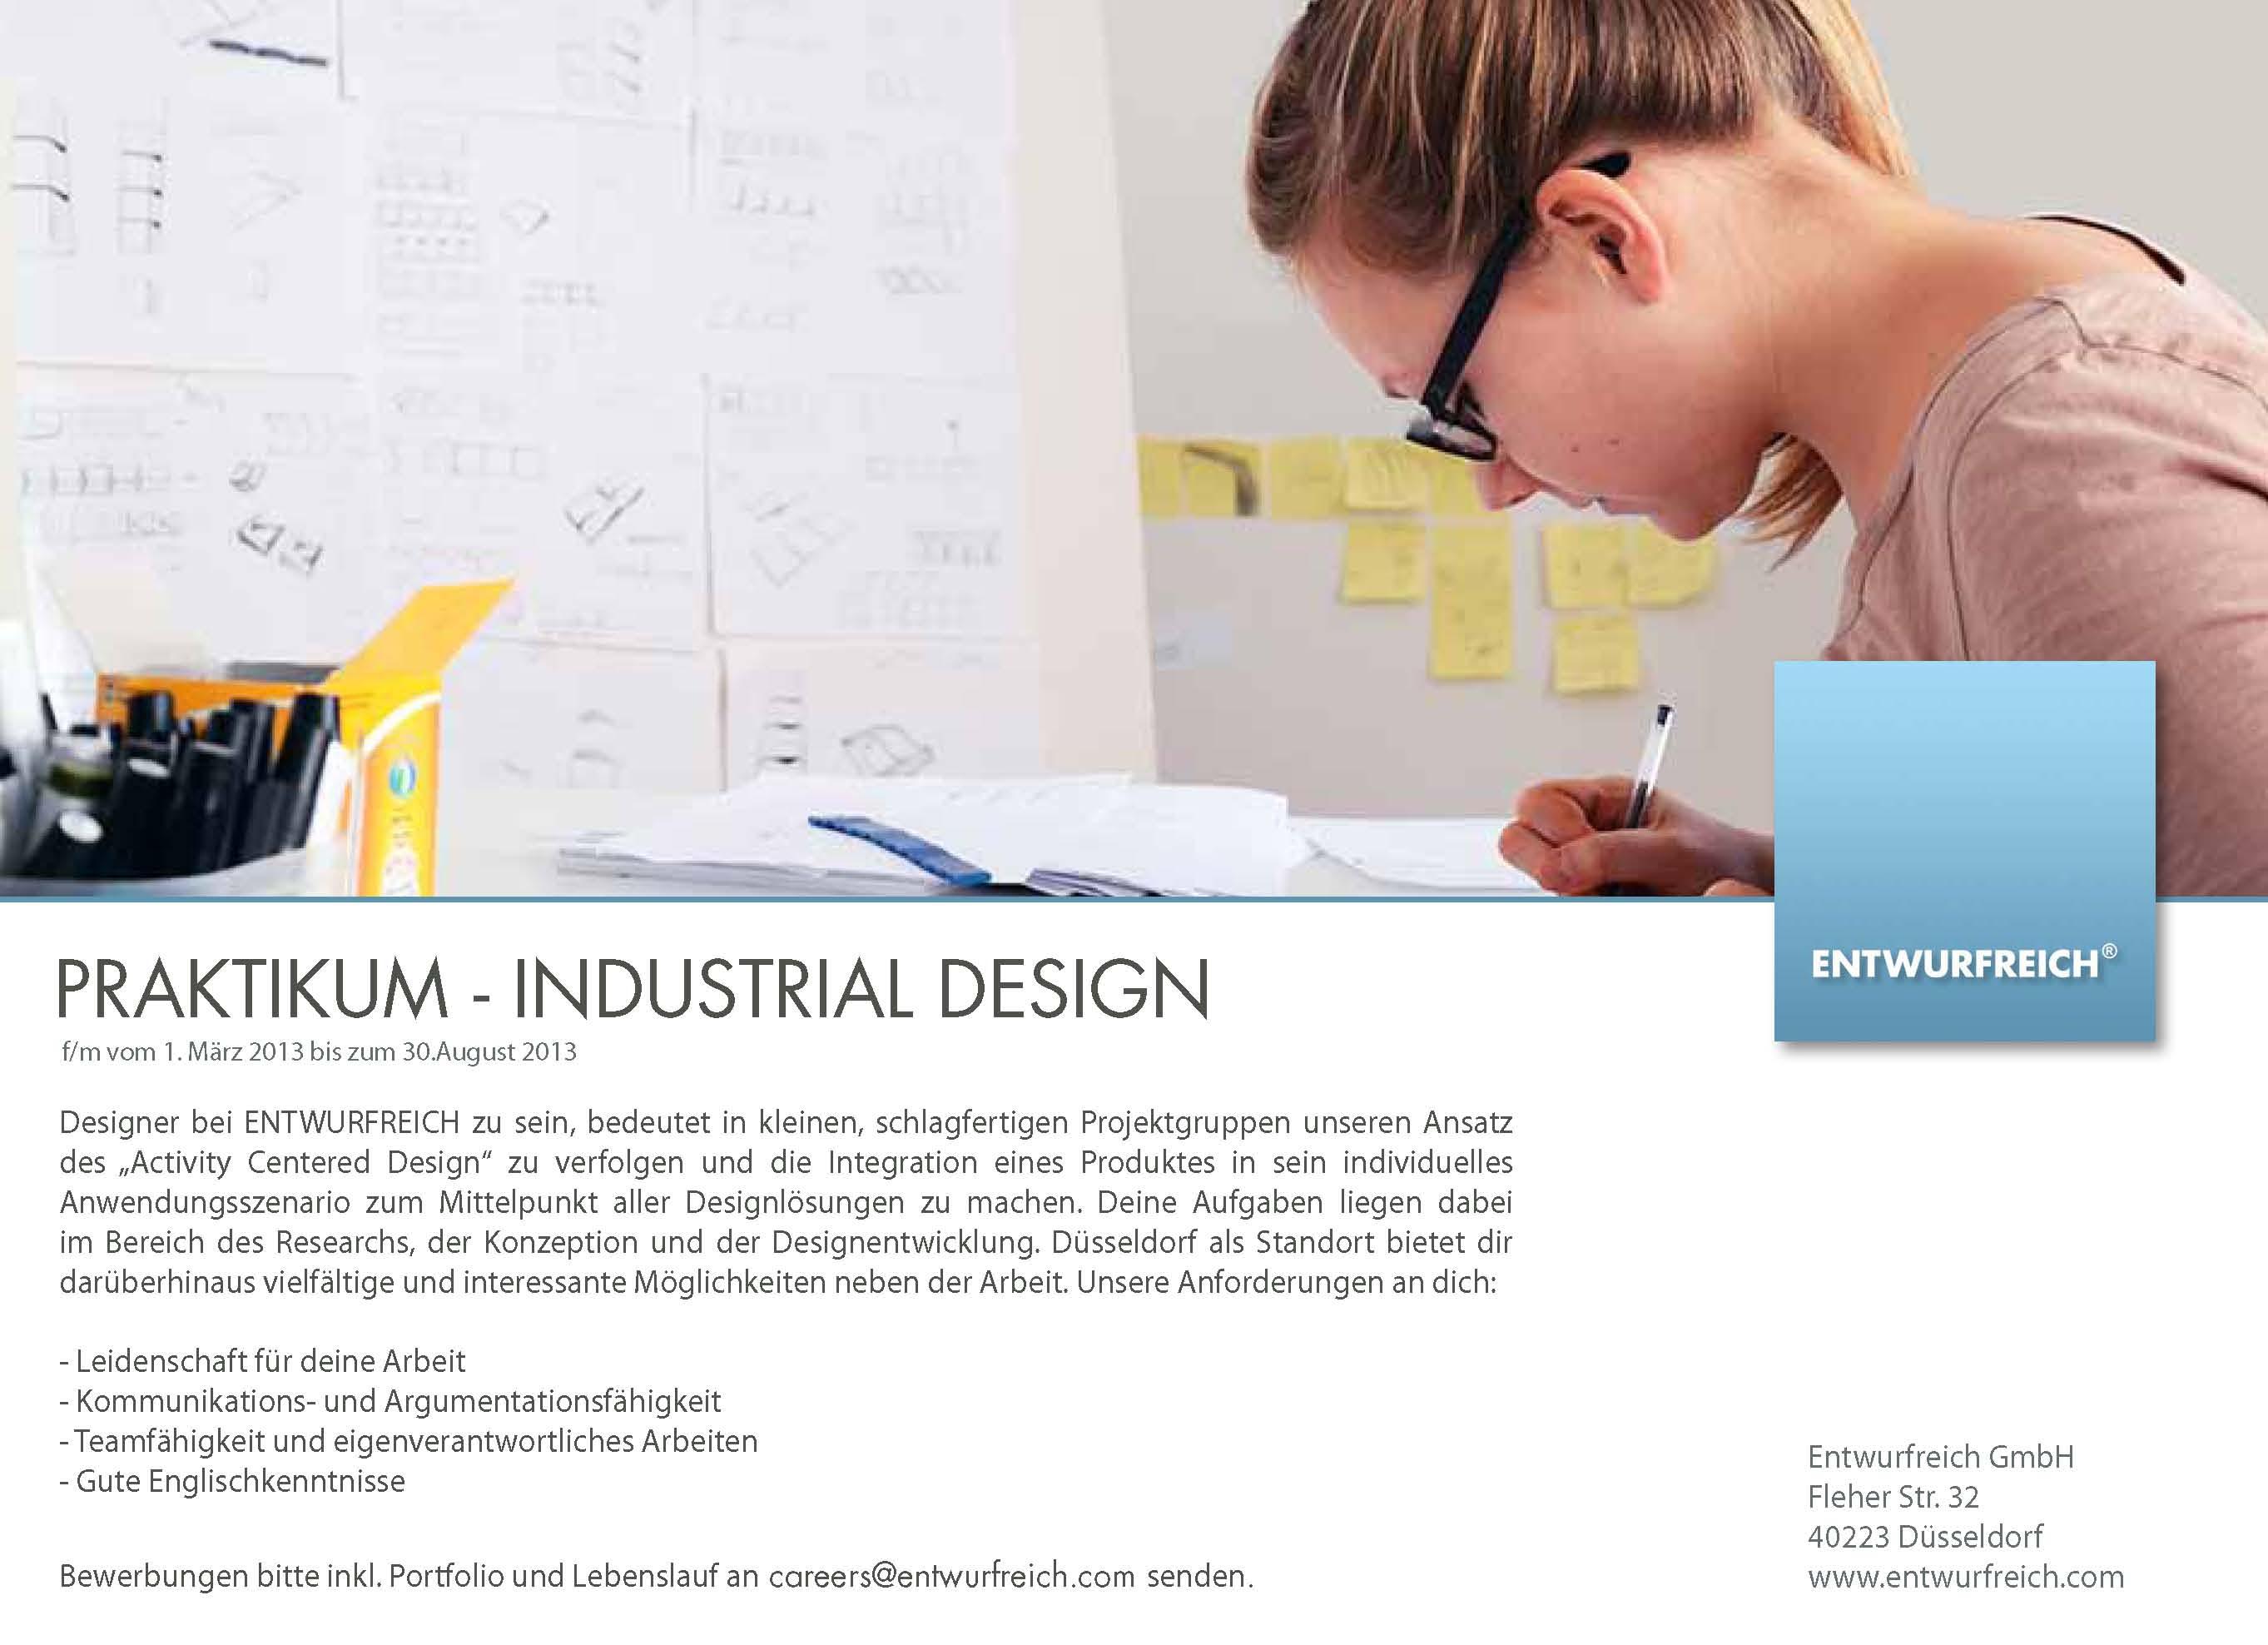 Charmant Praktikum Setzt Engineering Fort Ideen - Beispiel Business ...